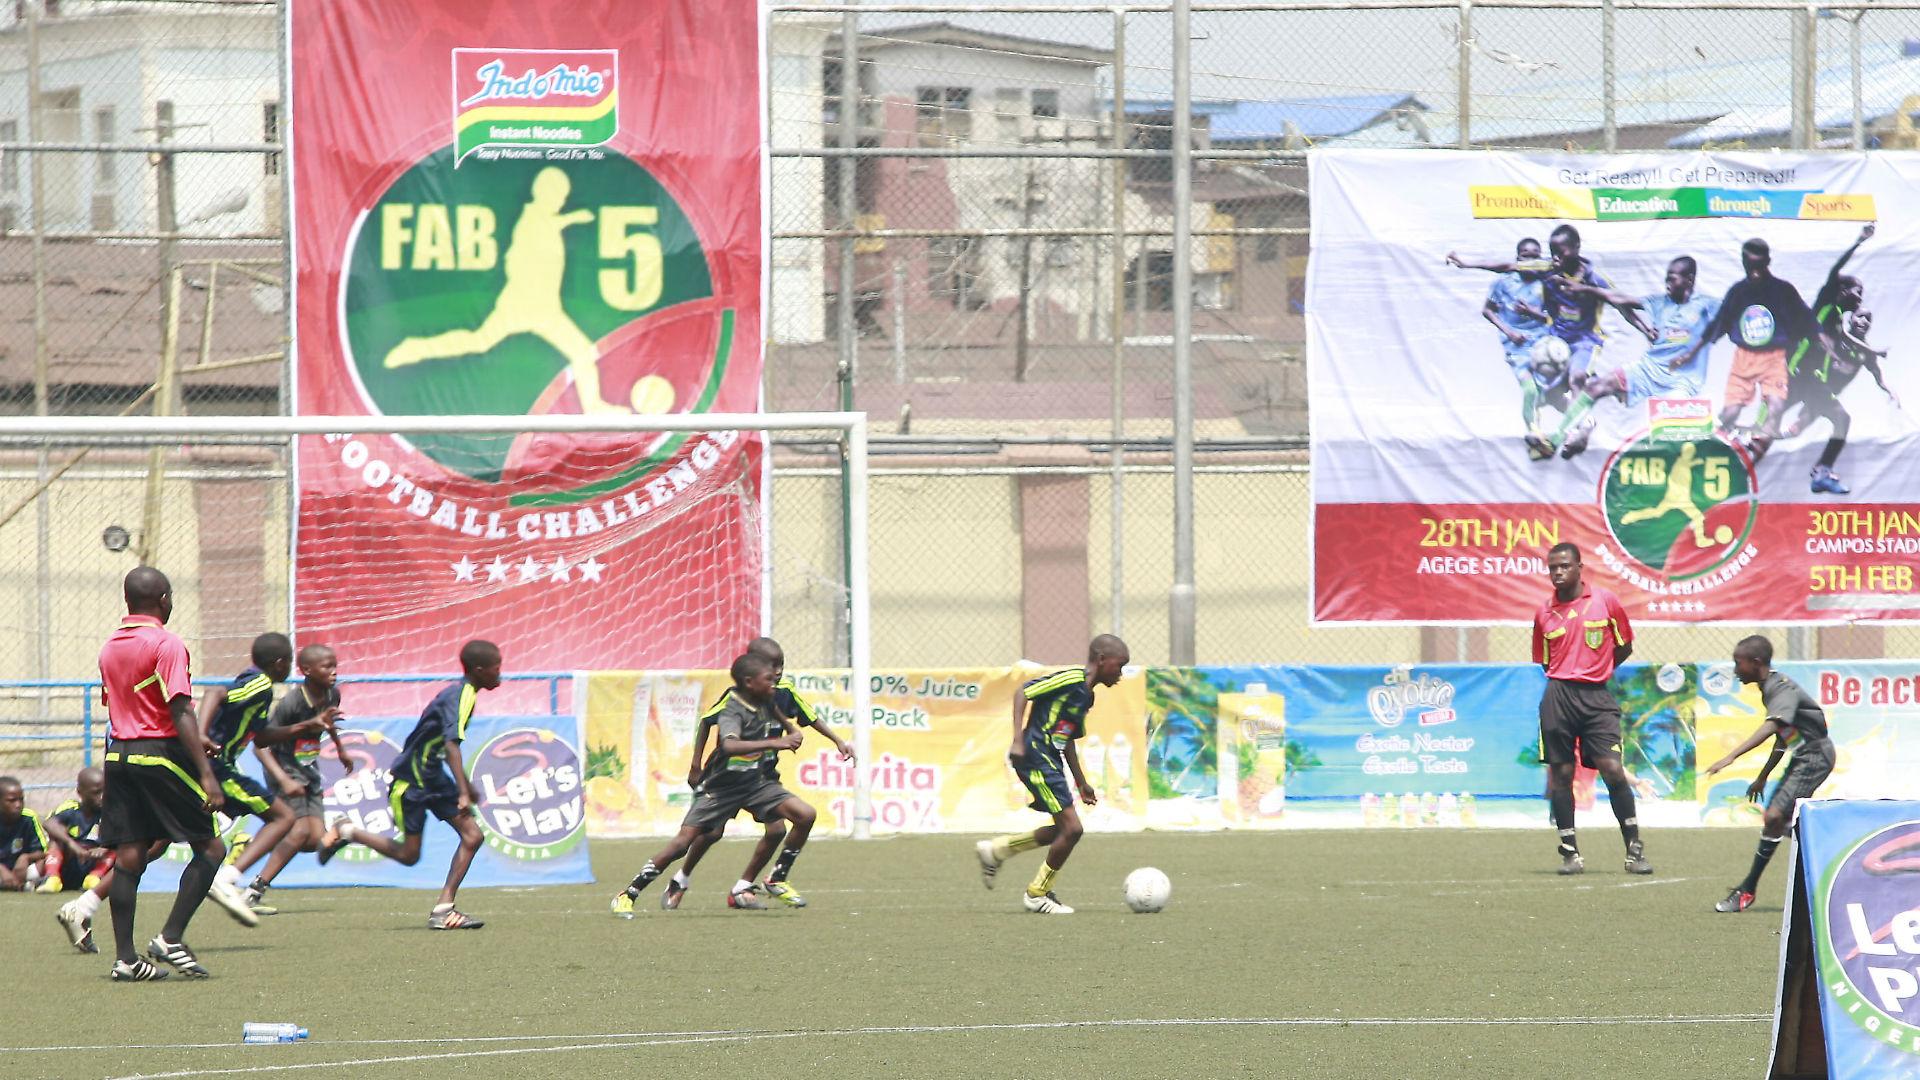 Fab-5 Football